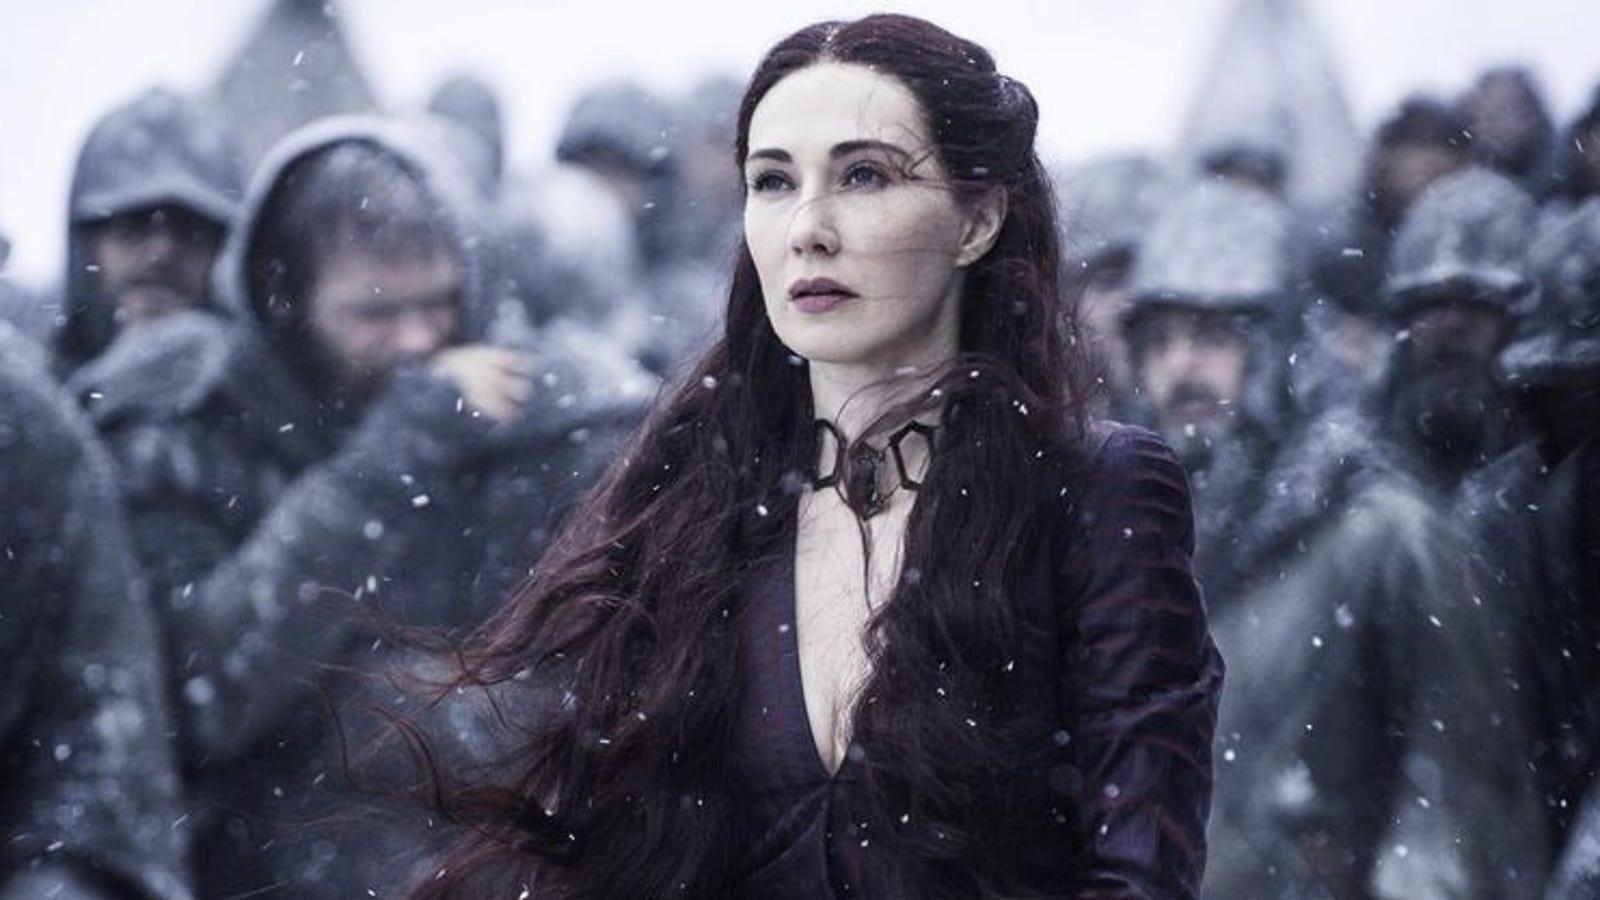 La quinta temporada de Game of Thrones revelará secretos de los libros